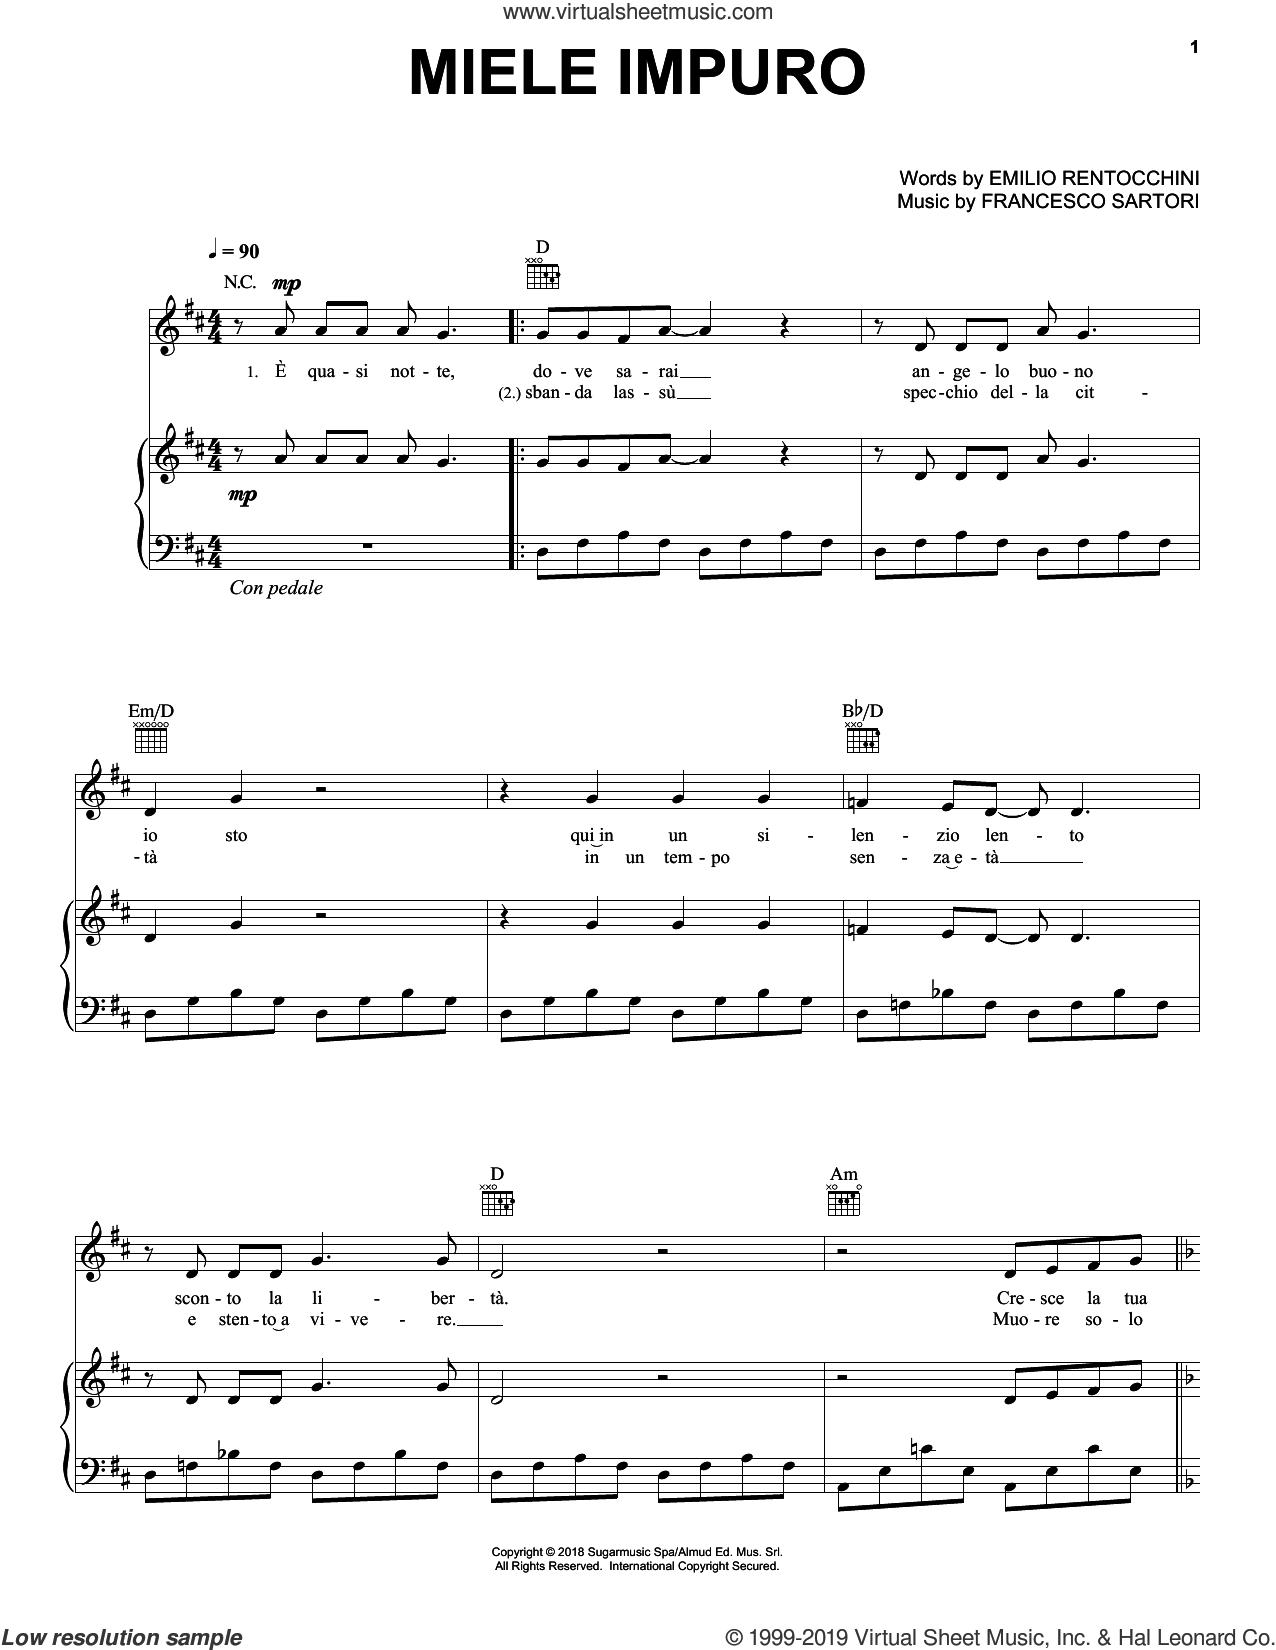 Miele Impuro sheet music for voice, piano or guitar by Andrea Bocelli, Emilio Rentocchini and Francesco Sartori, intermediate skill level